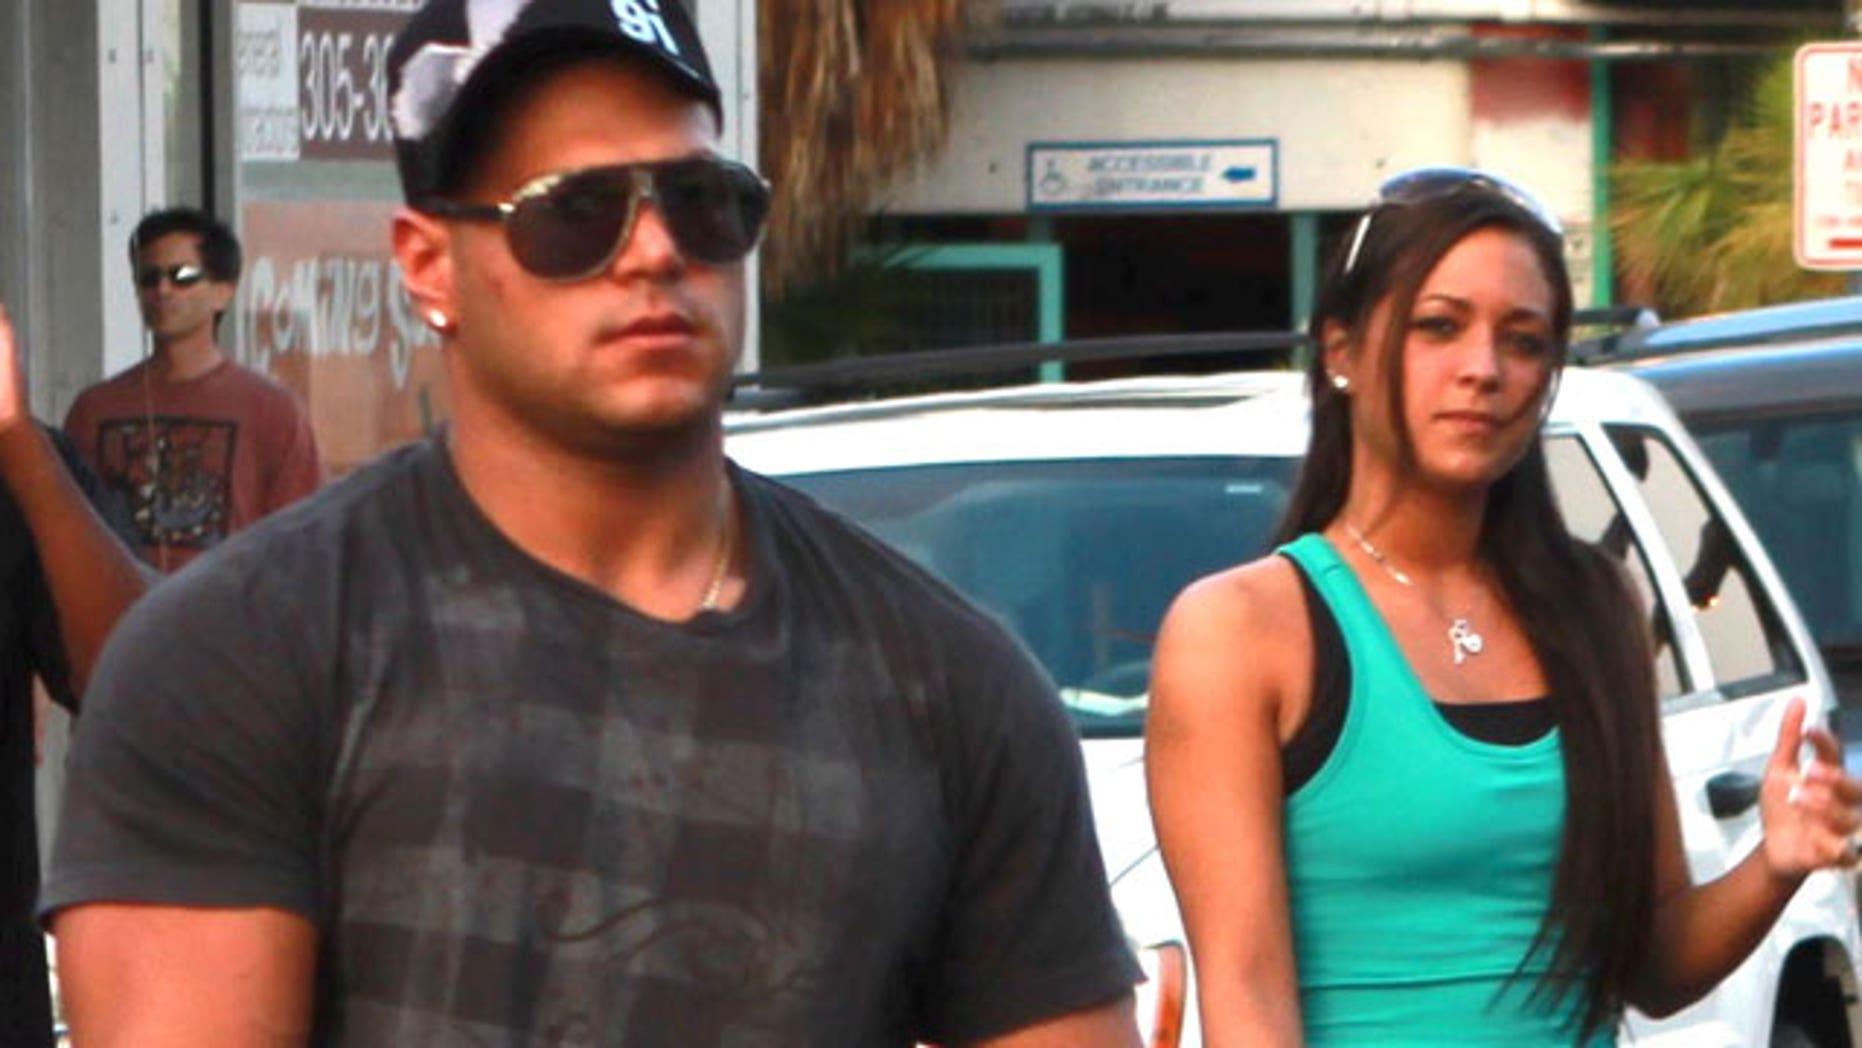 'Jersey Shore' stars Ronnie and Sammi in Miami.